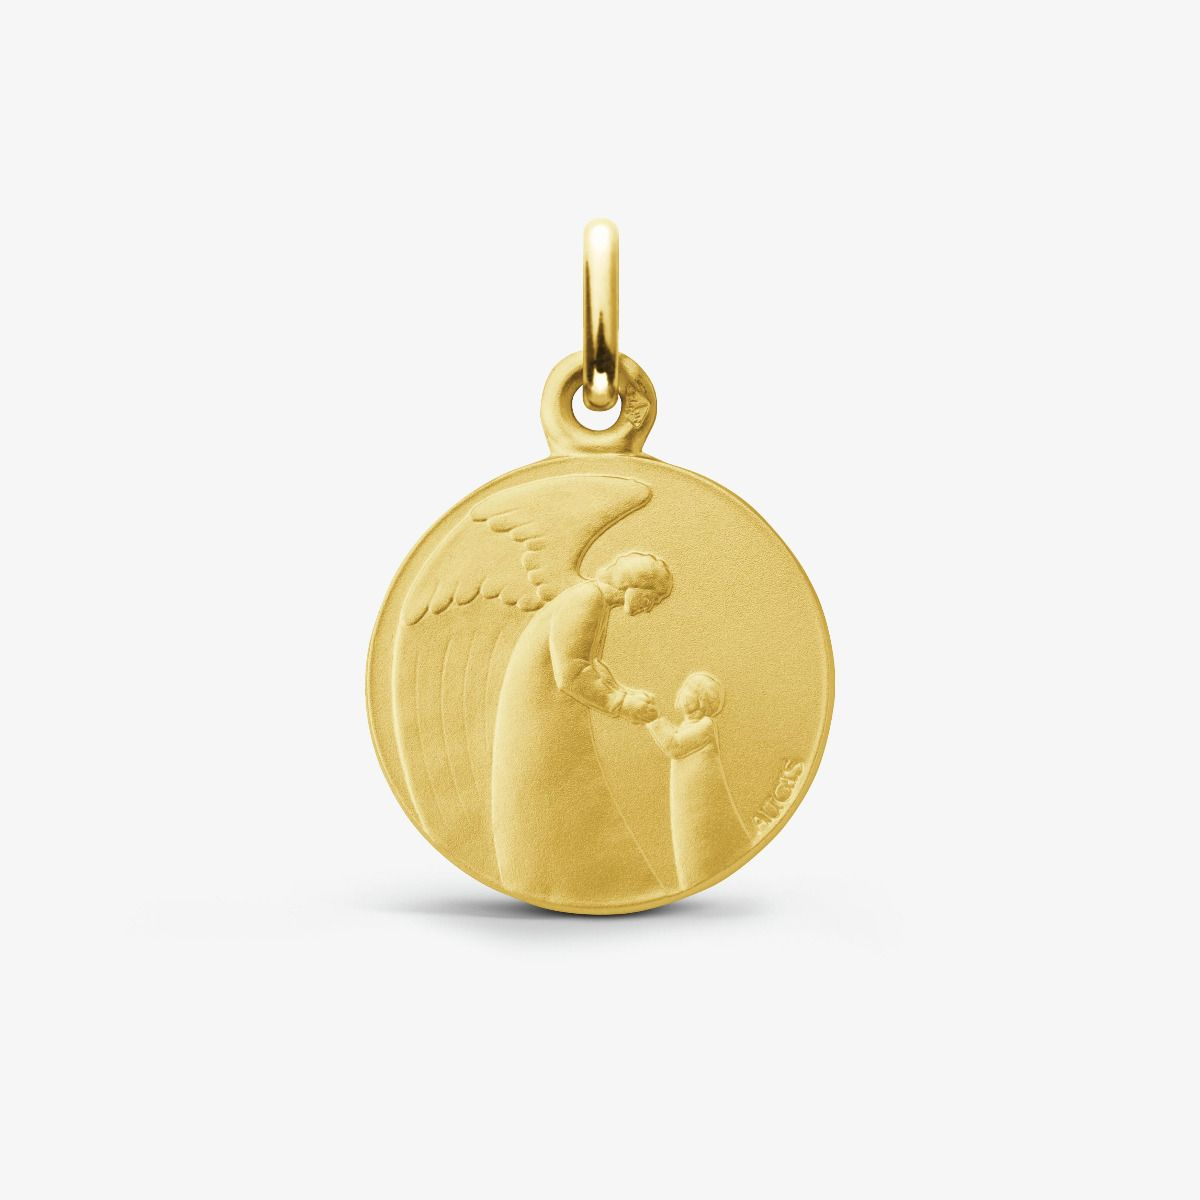 Médaille Ange Gardien Enfant Or Jaune 18 carats 16 mm